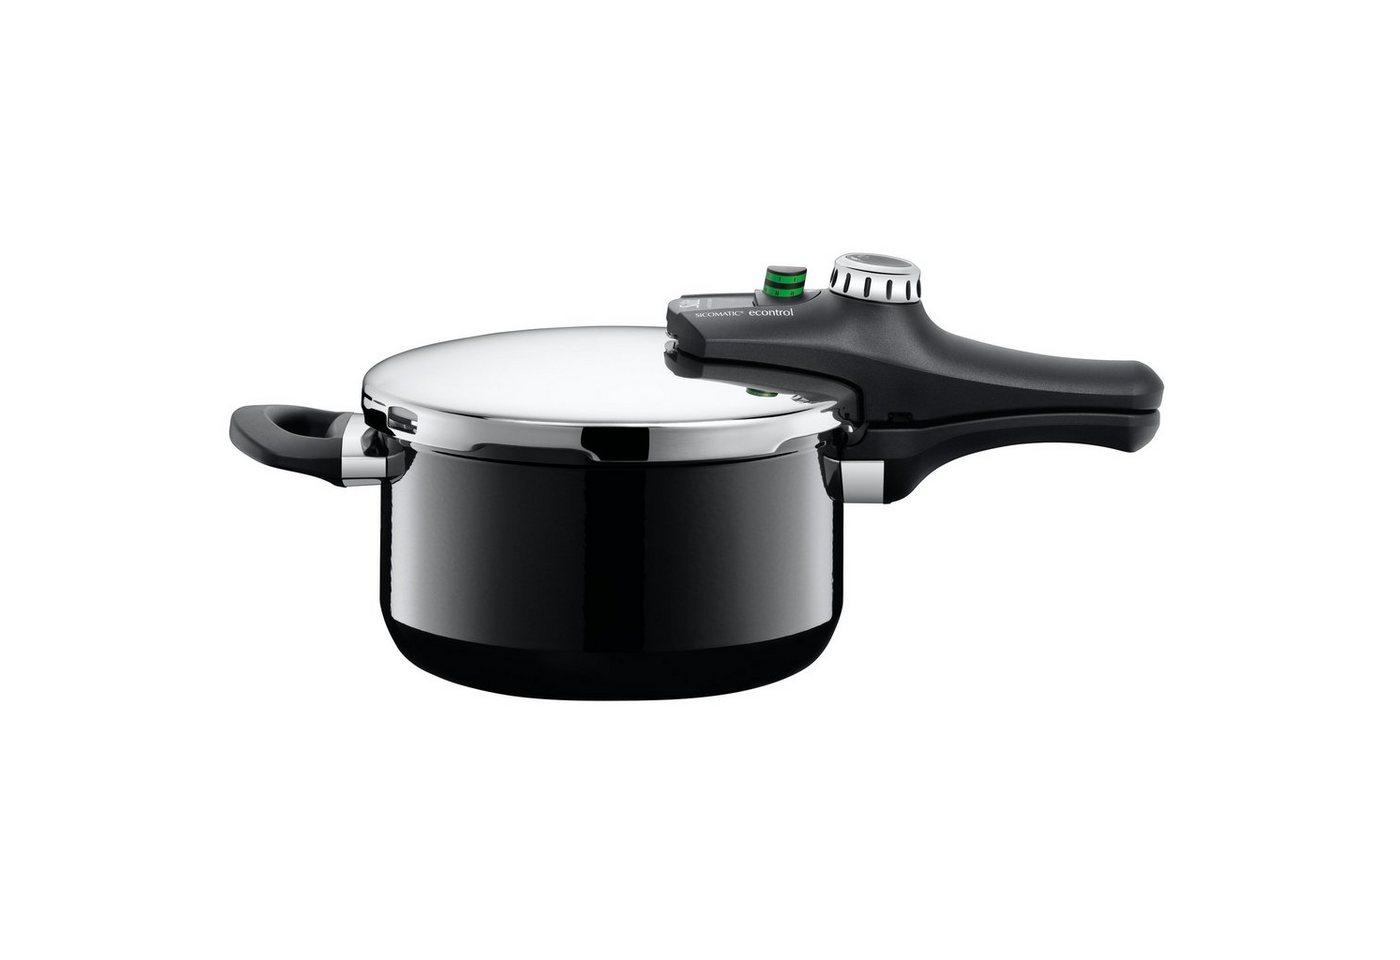 Silit Schnellkochtopf, 4,5 l, ohne Einsatz »Sicomatic econtrol«